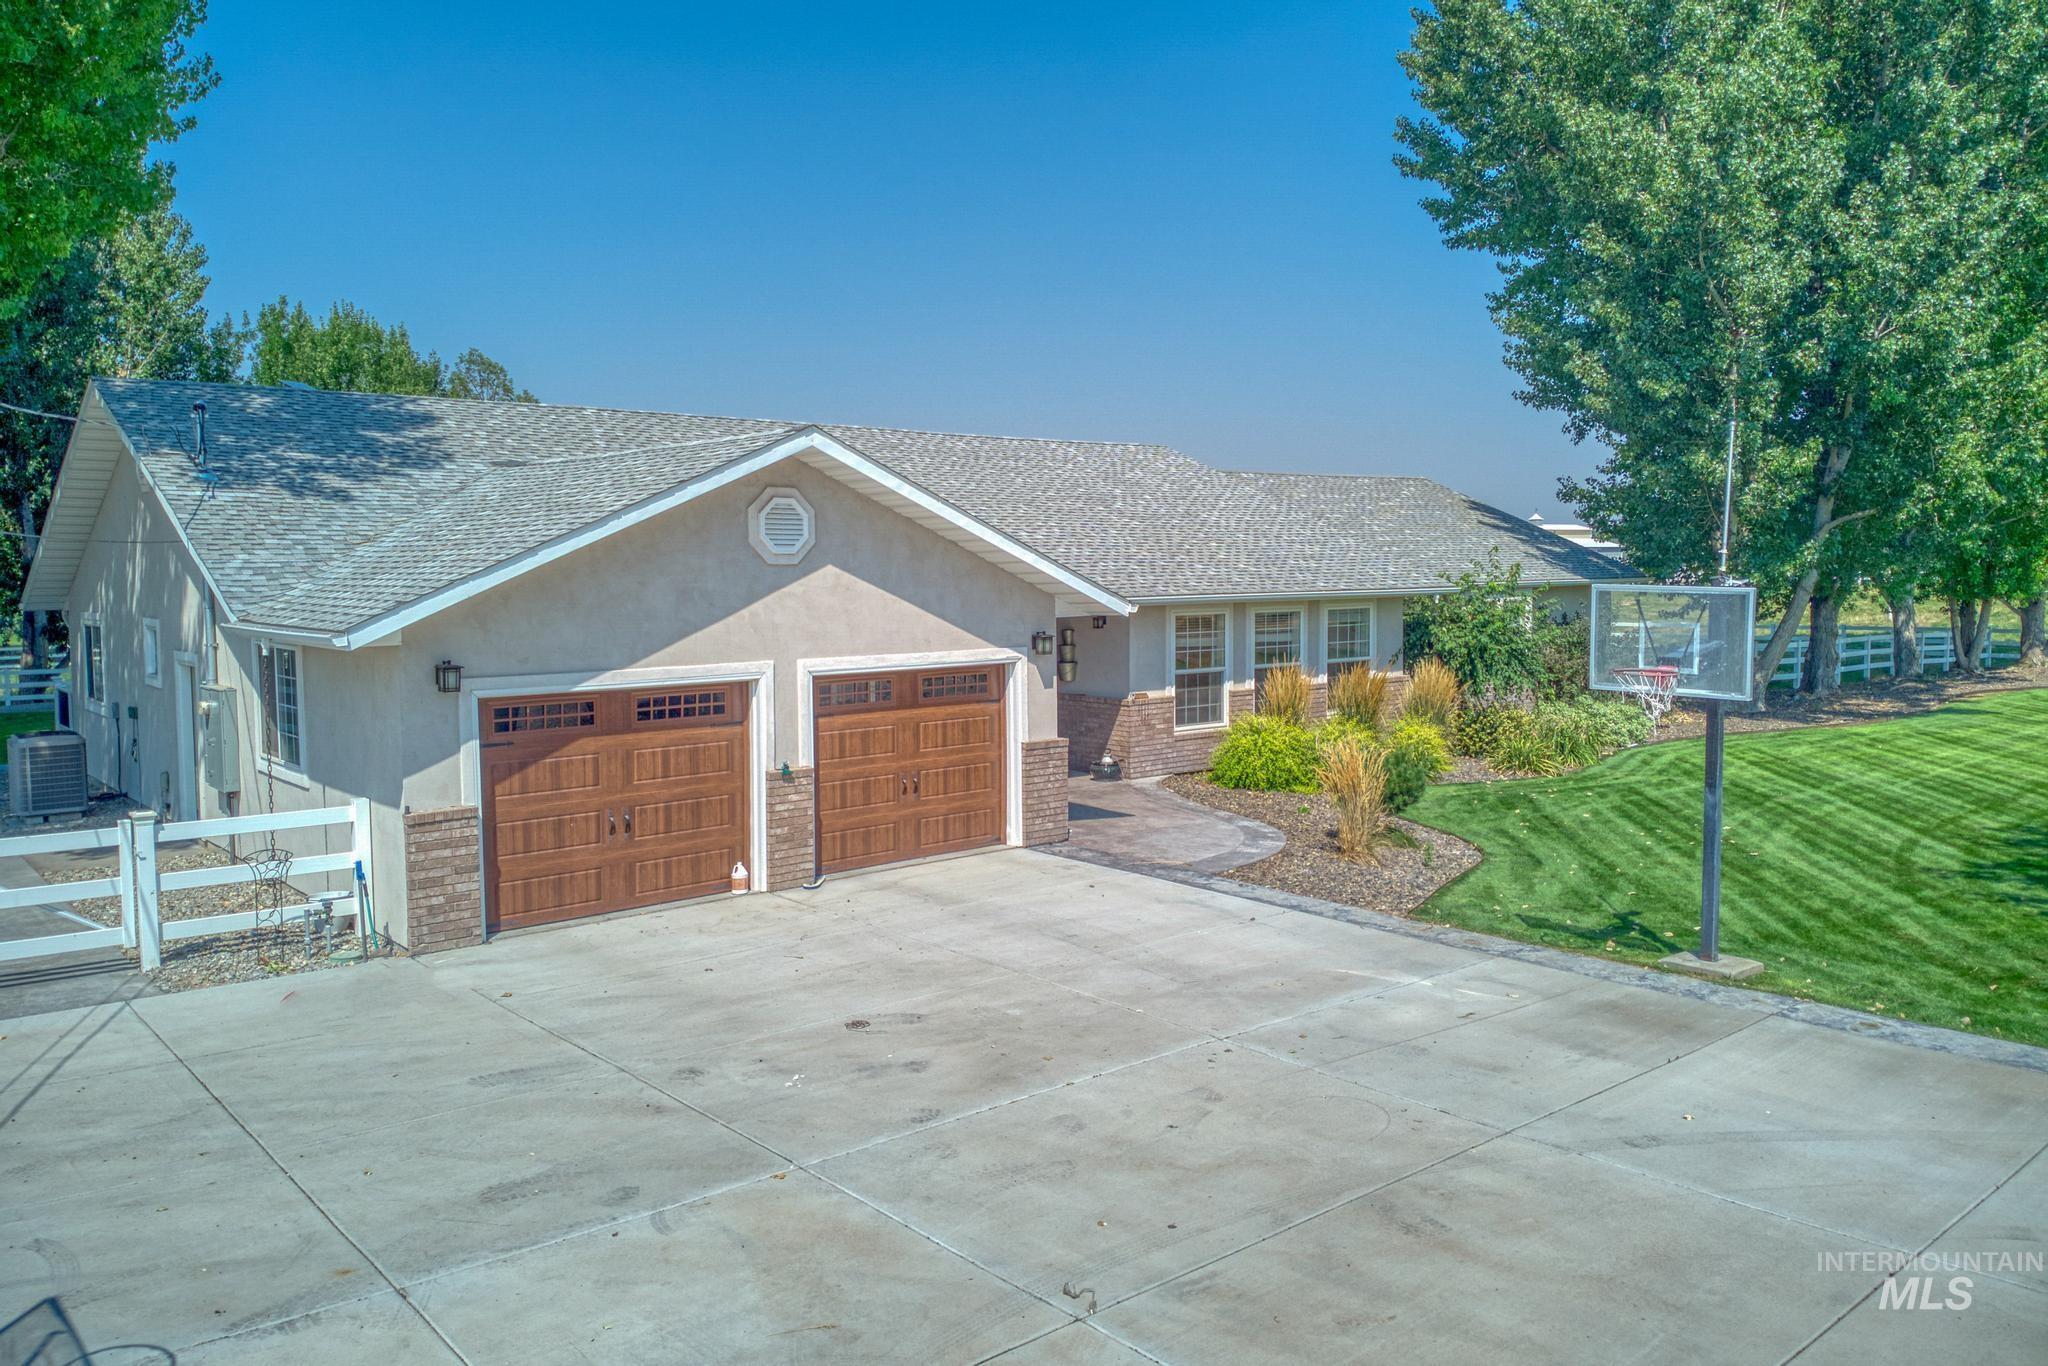 62 Sunnyside Dr Property Photo 5